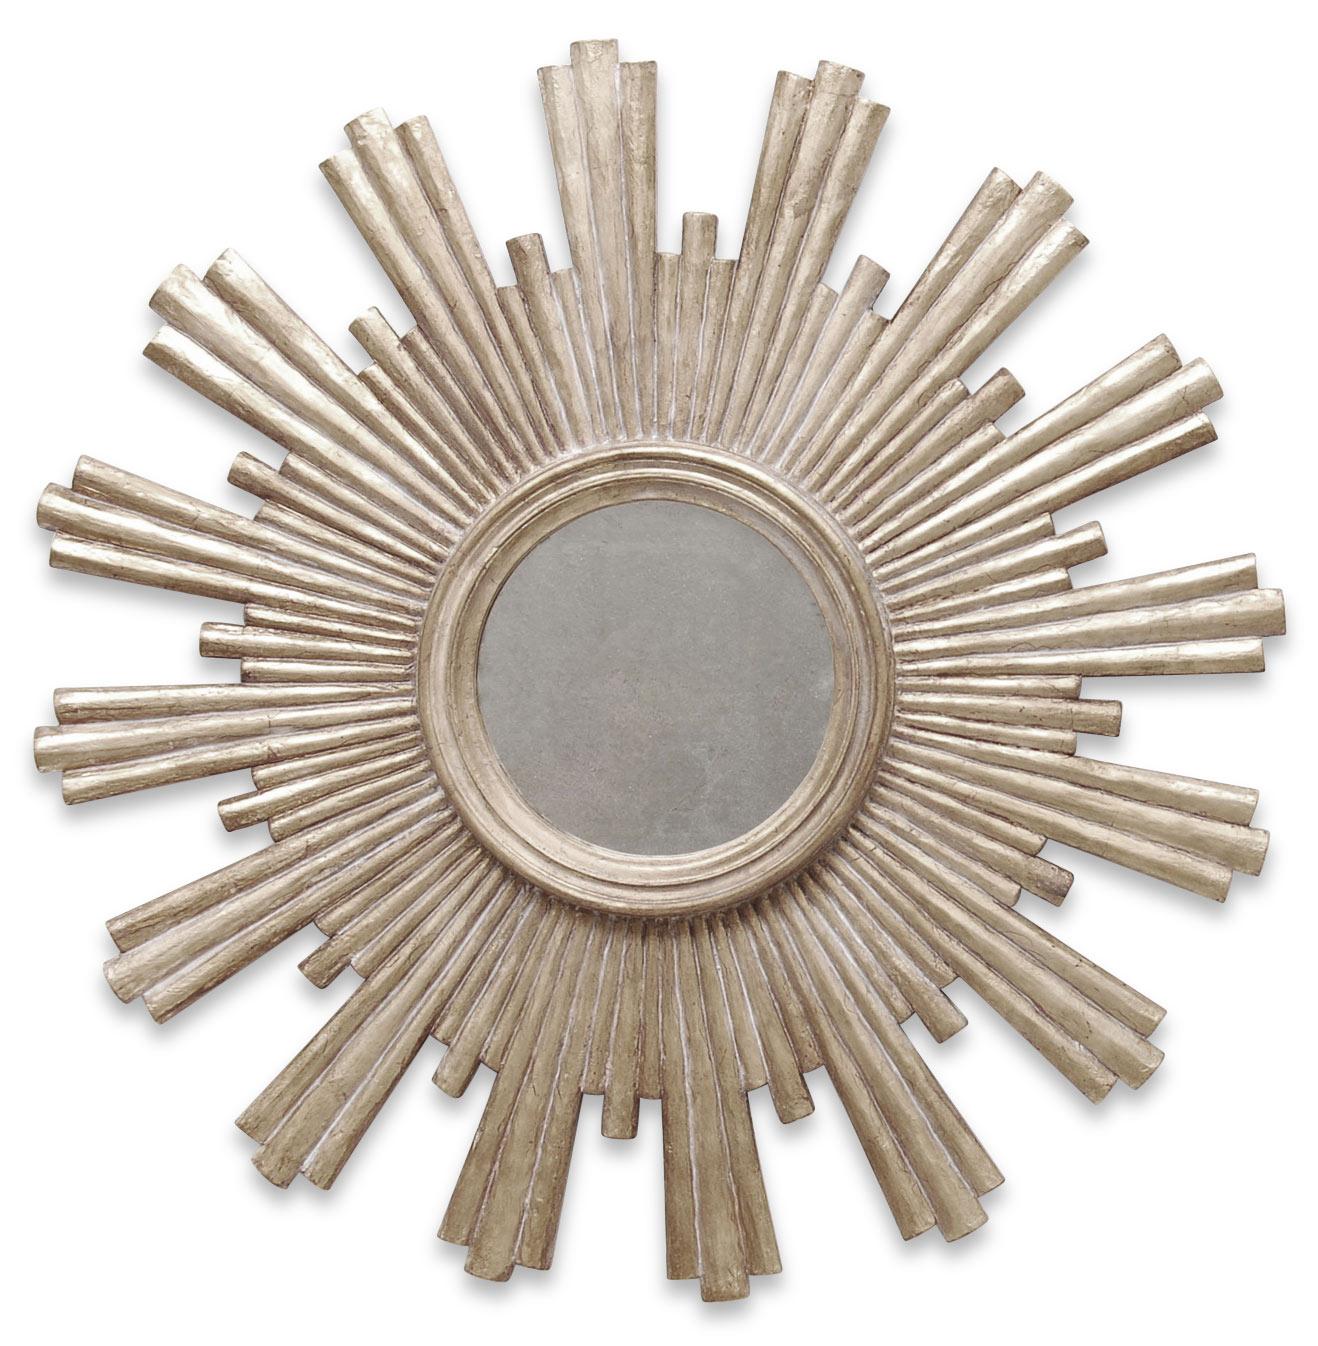 Avino Hollywood Regency Silver Sunburst Antique Wall Mirror